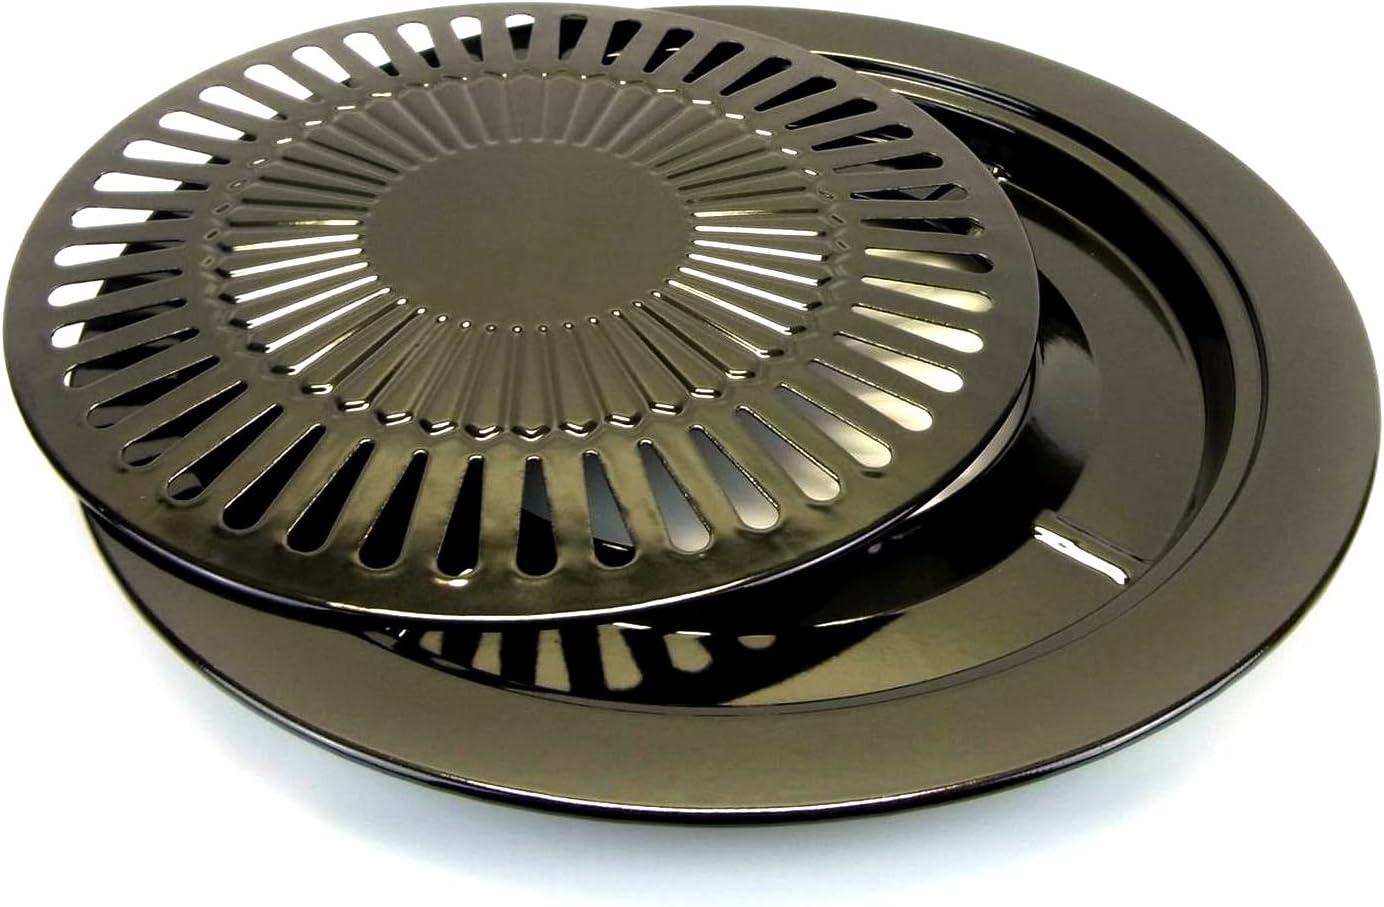 Starlet24 Accesorio de parrilla 2-TLG. Ø 31cm placa de parrilla rejilla para barbacoa camping gas estufa incl. 2en1 herramienta